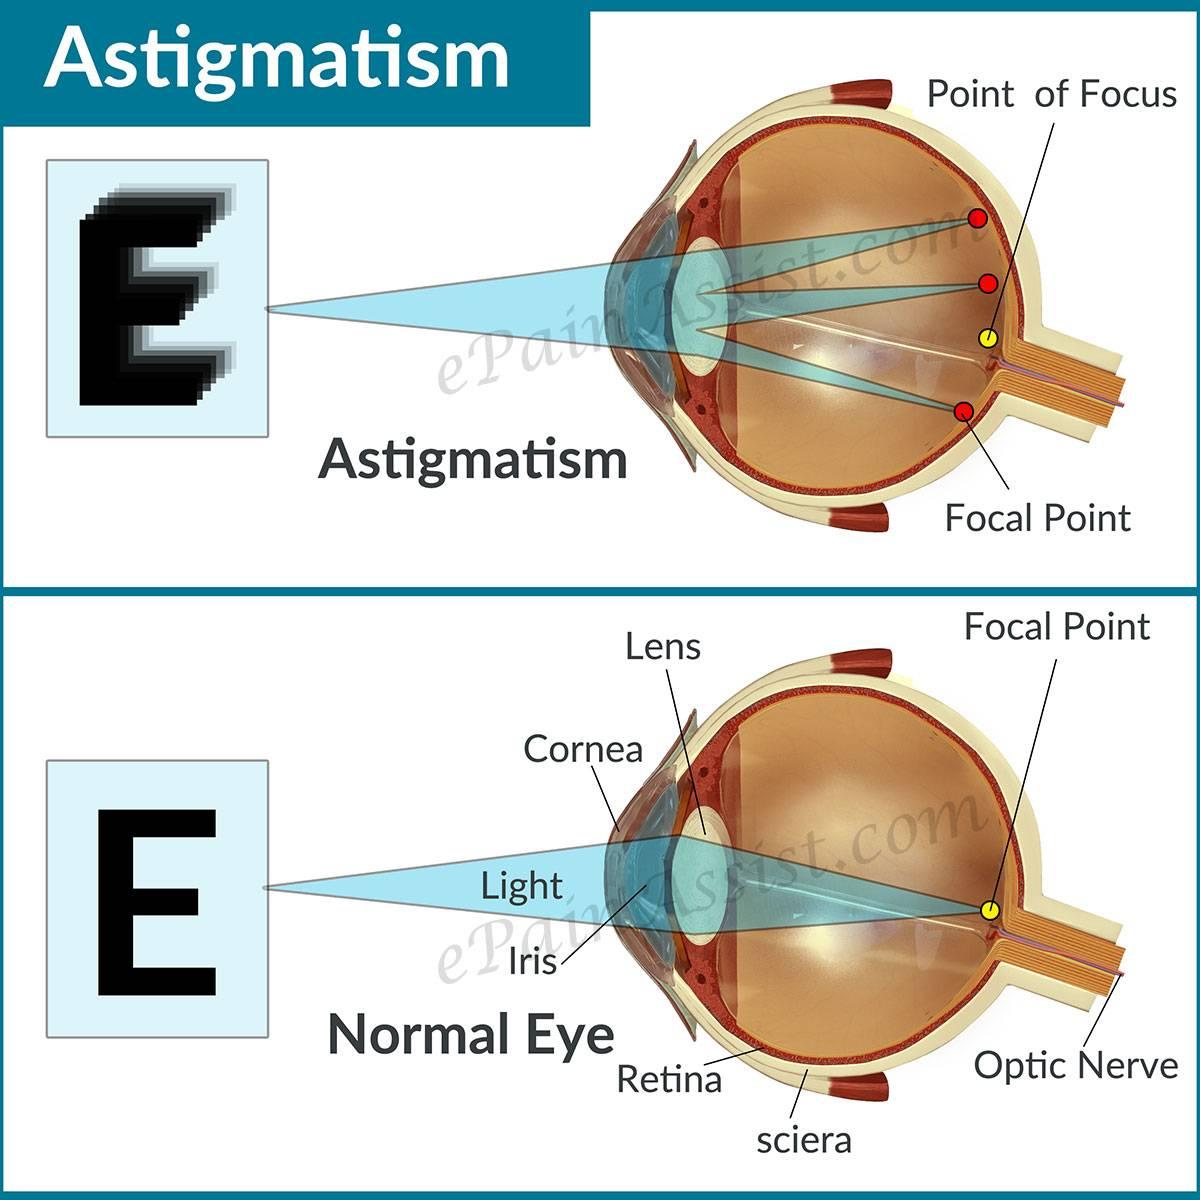 Астигматизм - признаки, симптомы, причины, диагностика и способы лечения заболевания